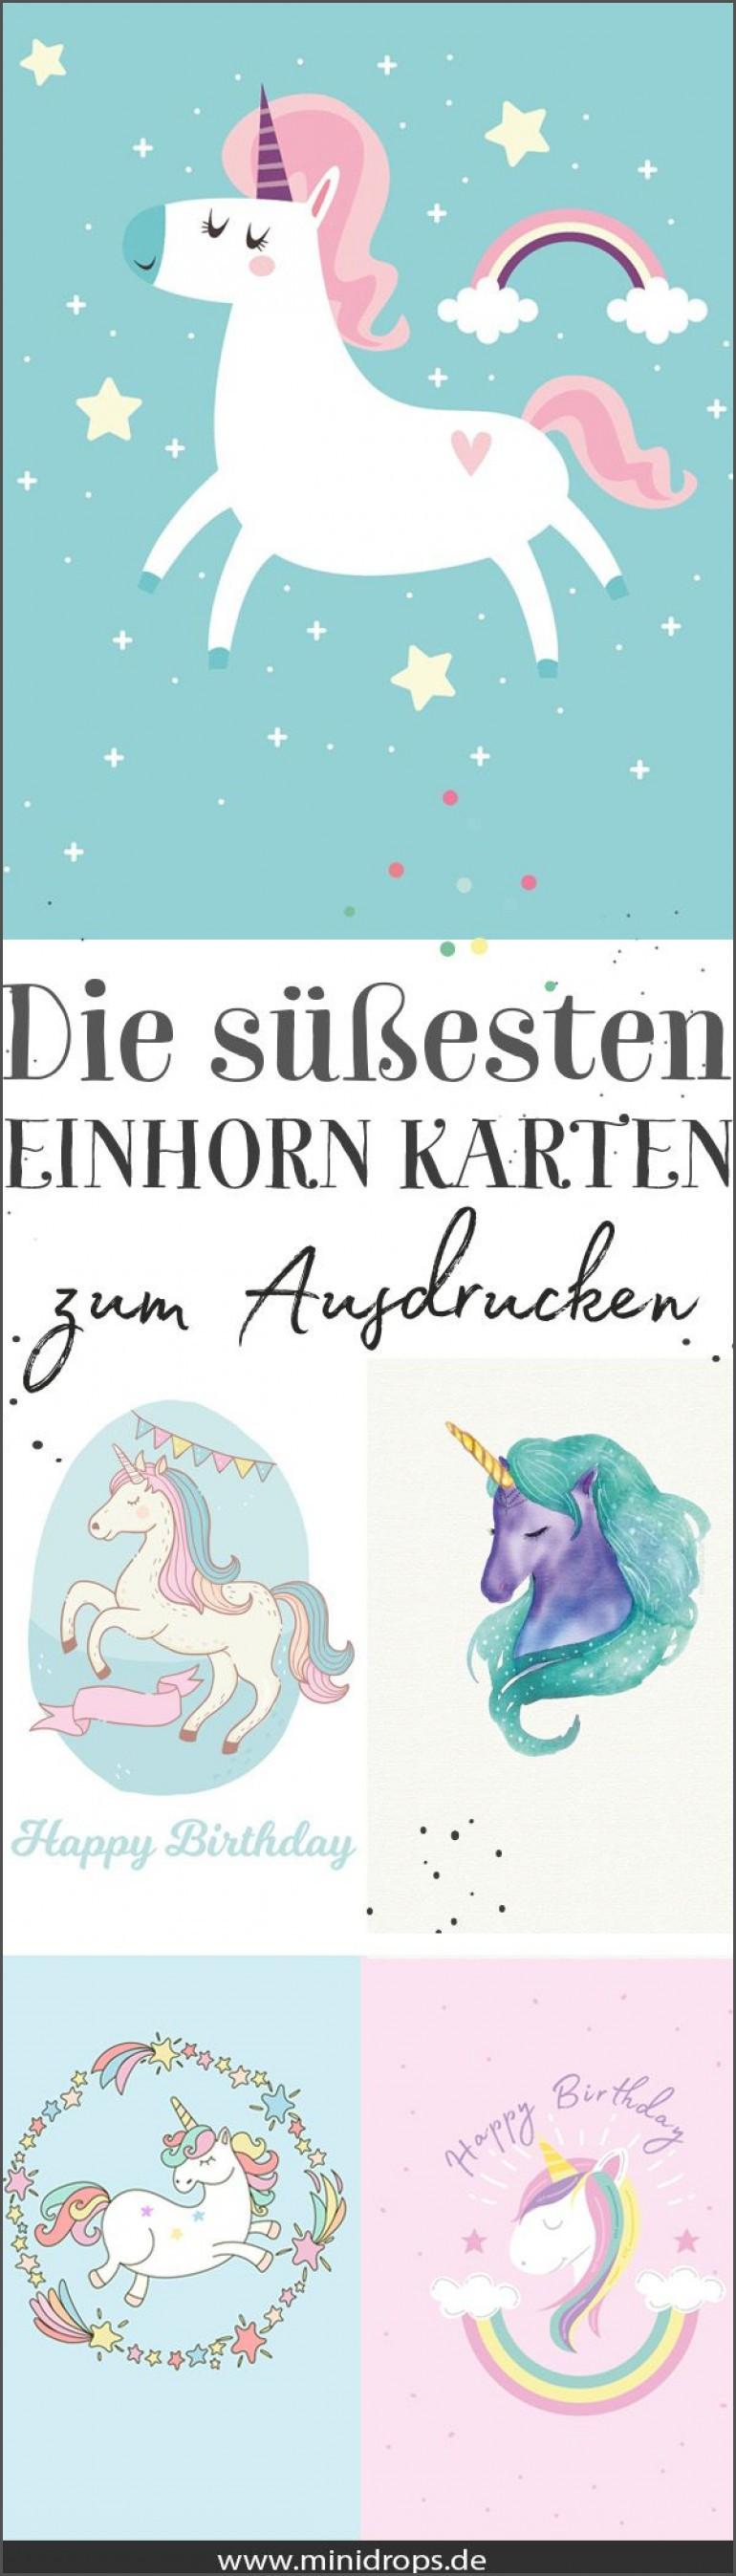 Einhorn Bilder Zum Drucken Frisch Einhorn Malvorlage Zum Ausdrucken Fotografieren